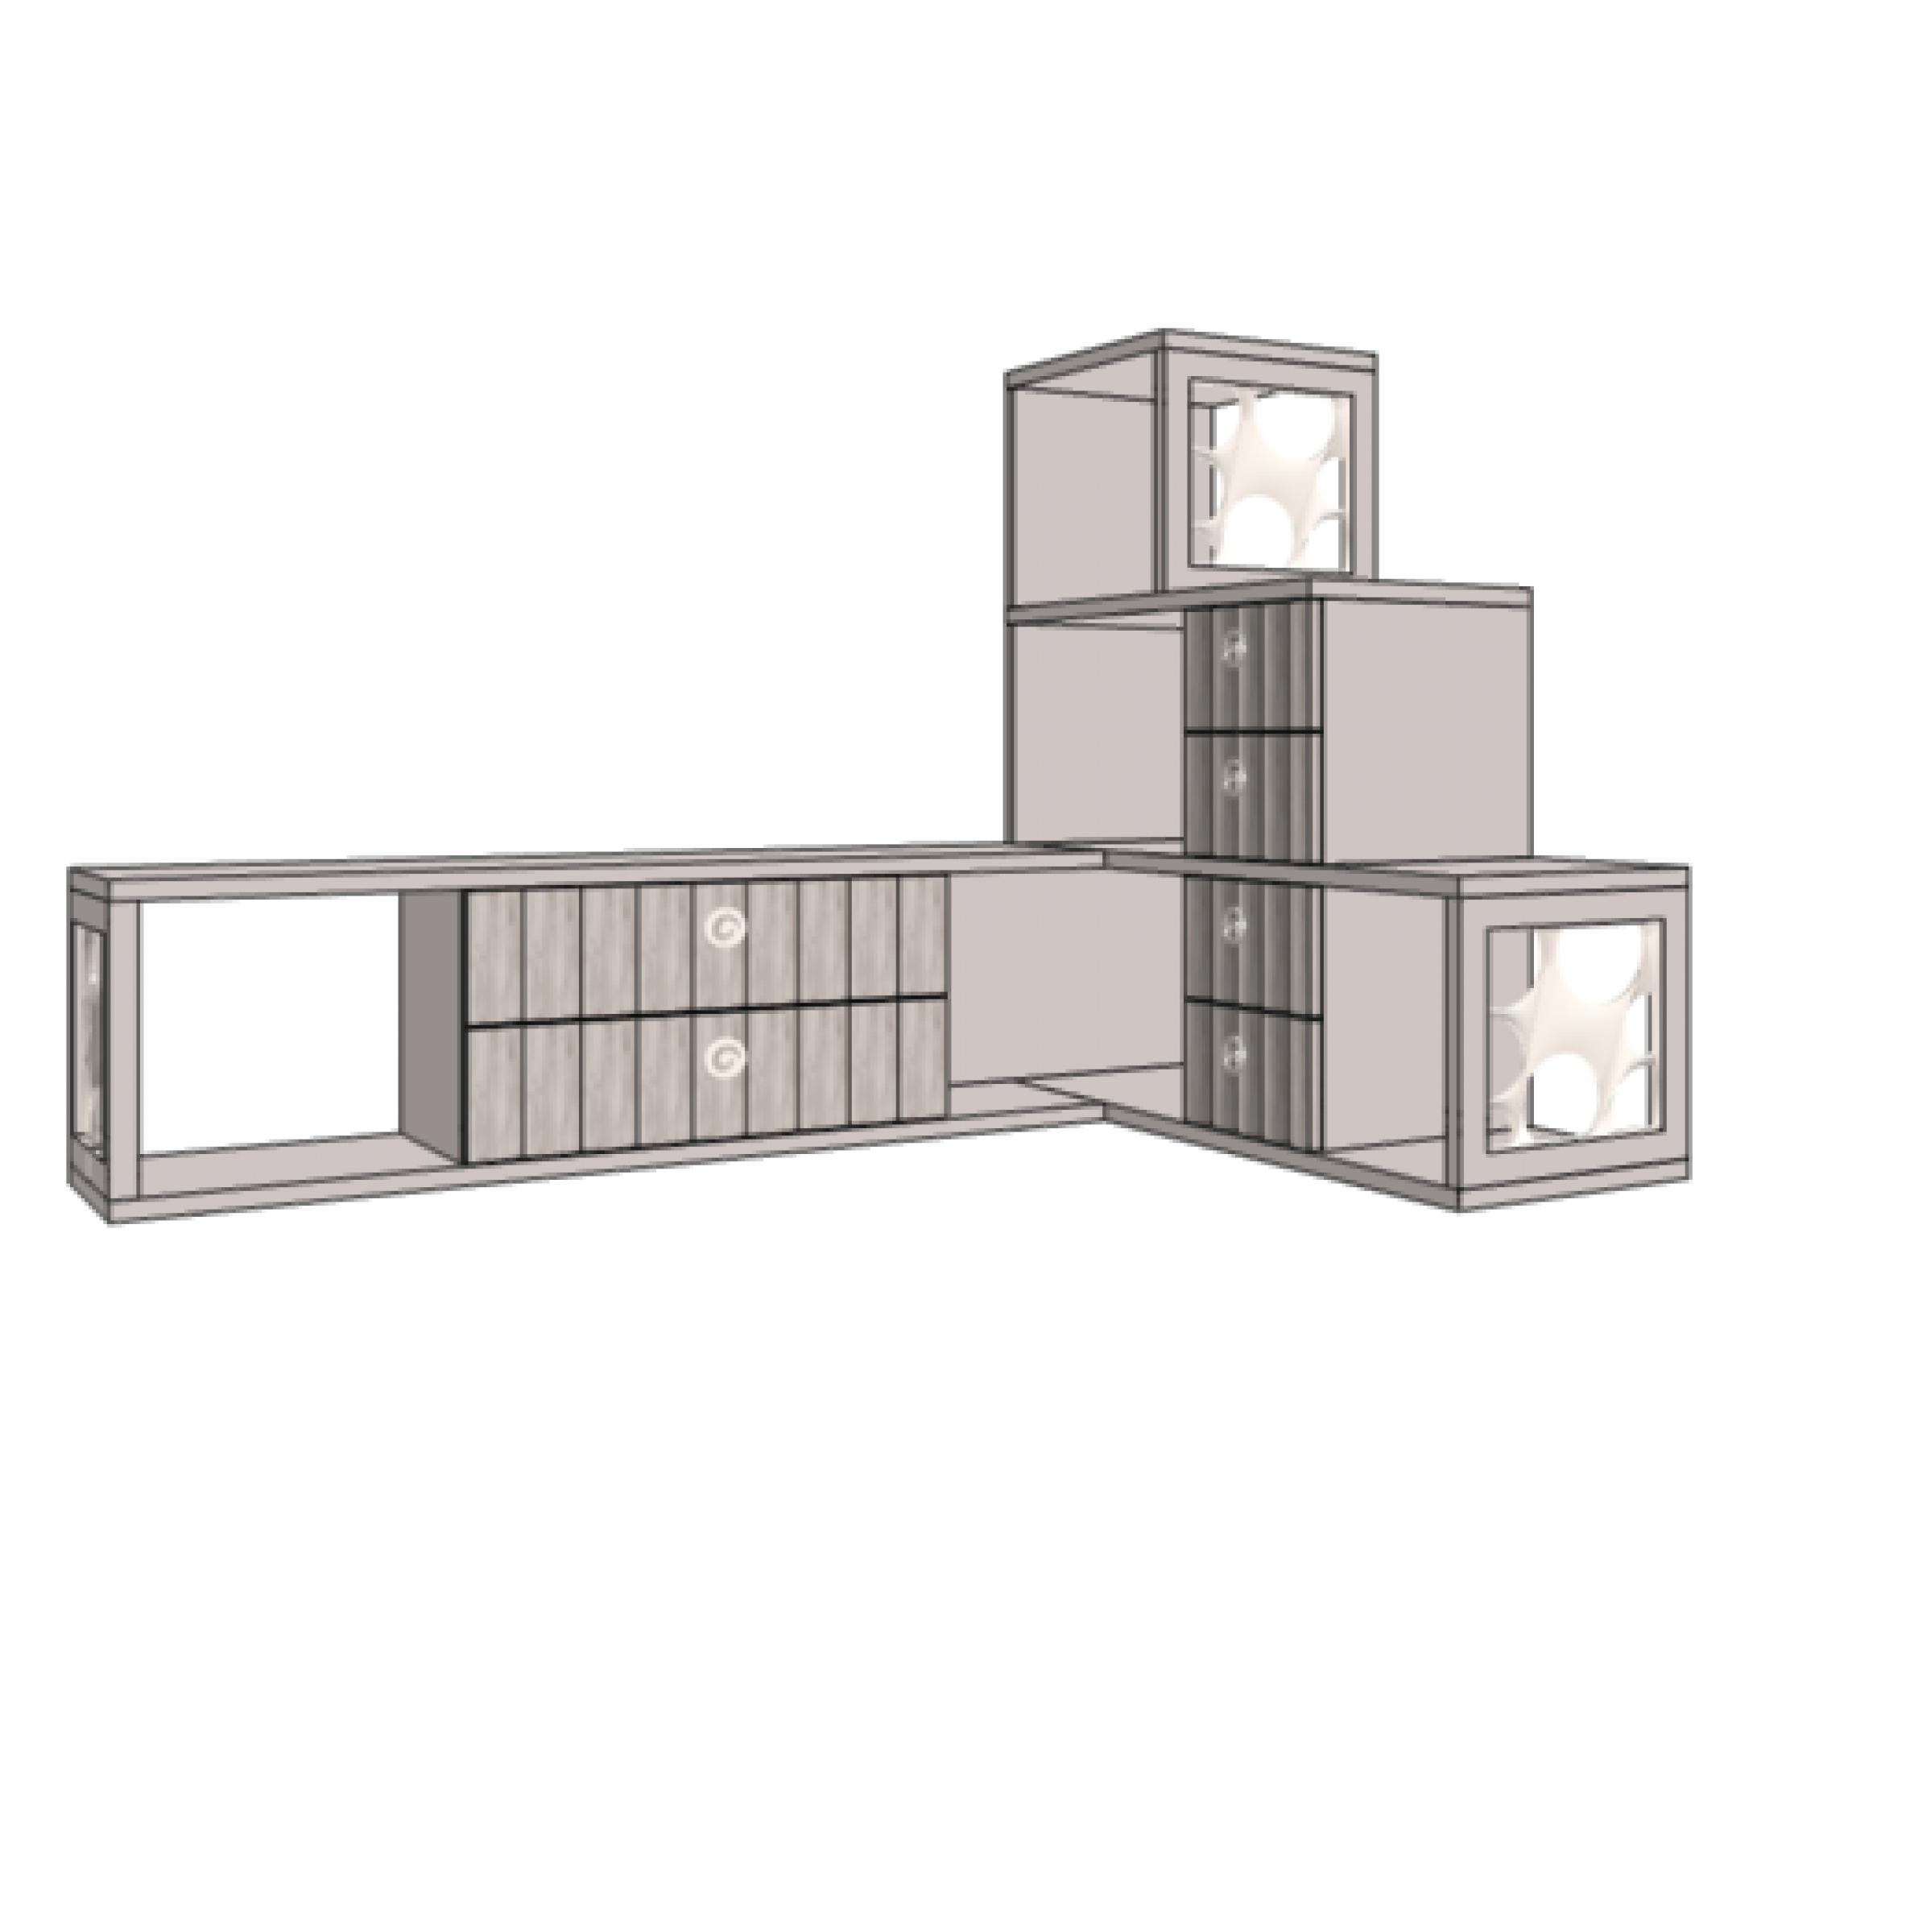 Klюkva горка 3 - этажная с 6-ю ящиками, правая. Артикул : VGC1R